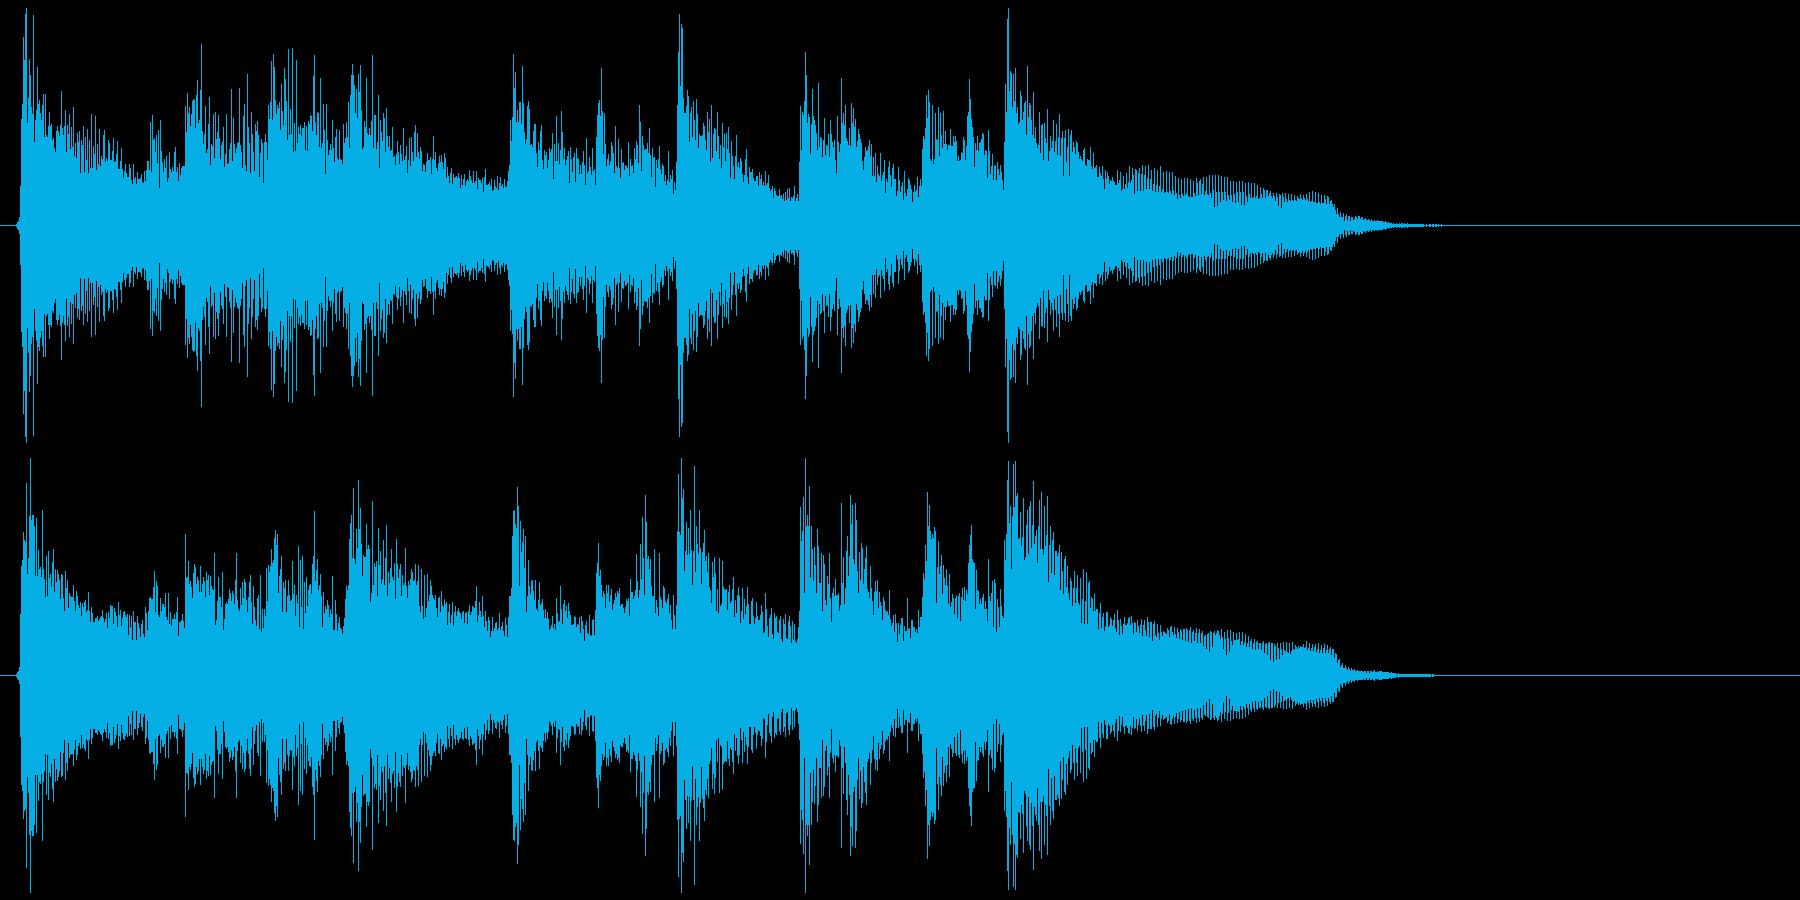 ウクレレ、ミディアムテンポ爽やかジングルの再生済みの波形